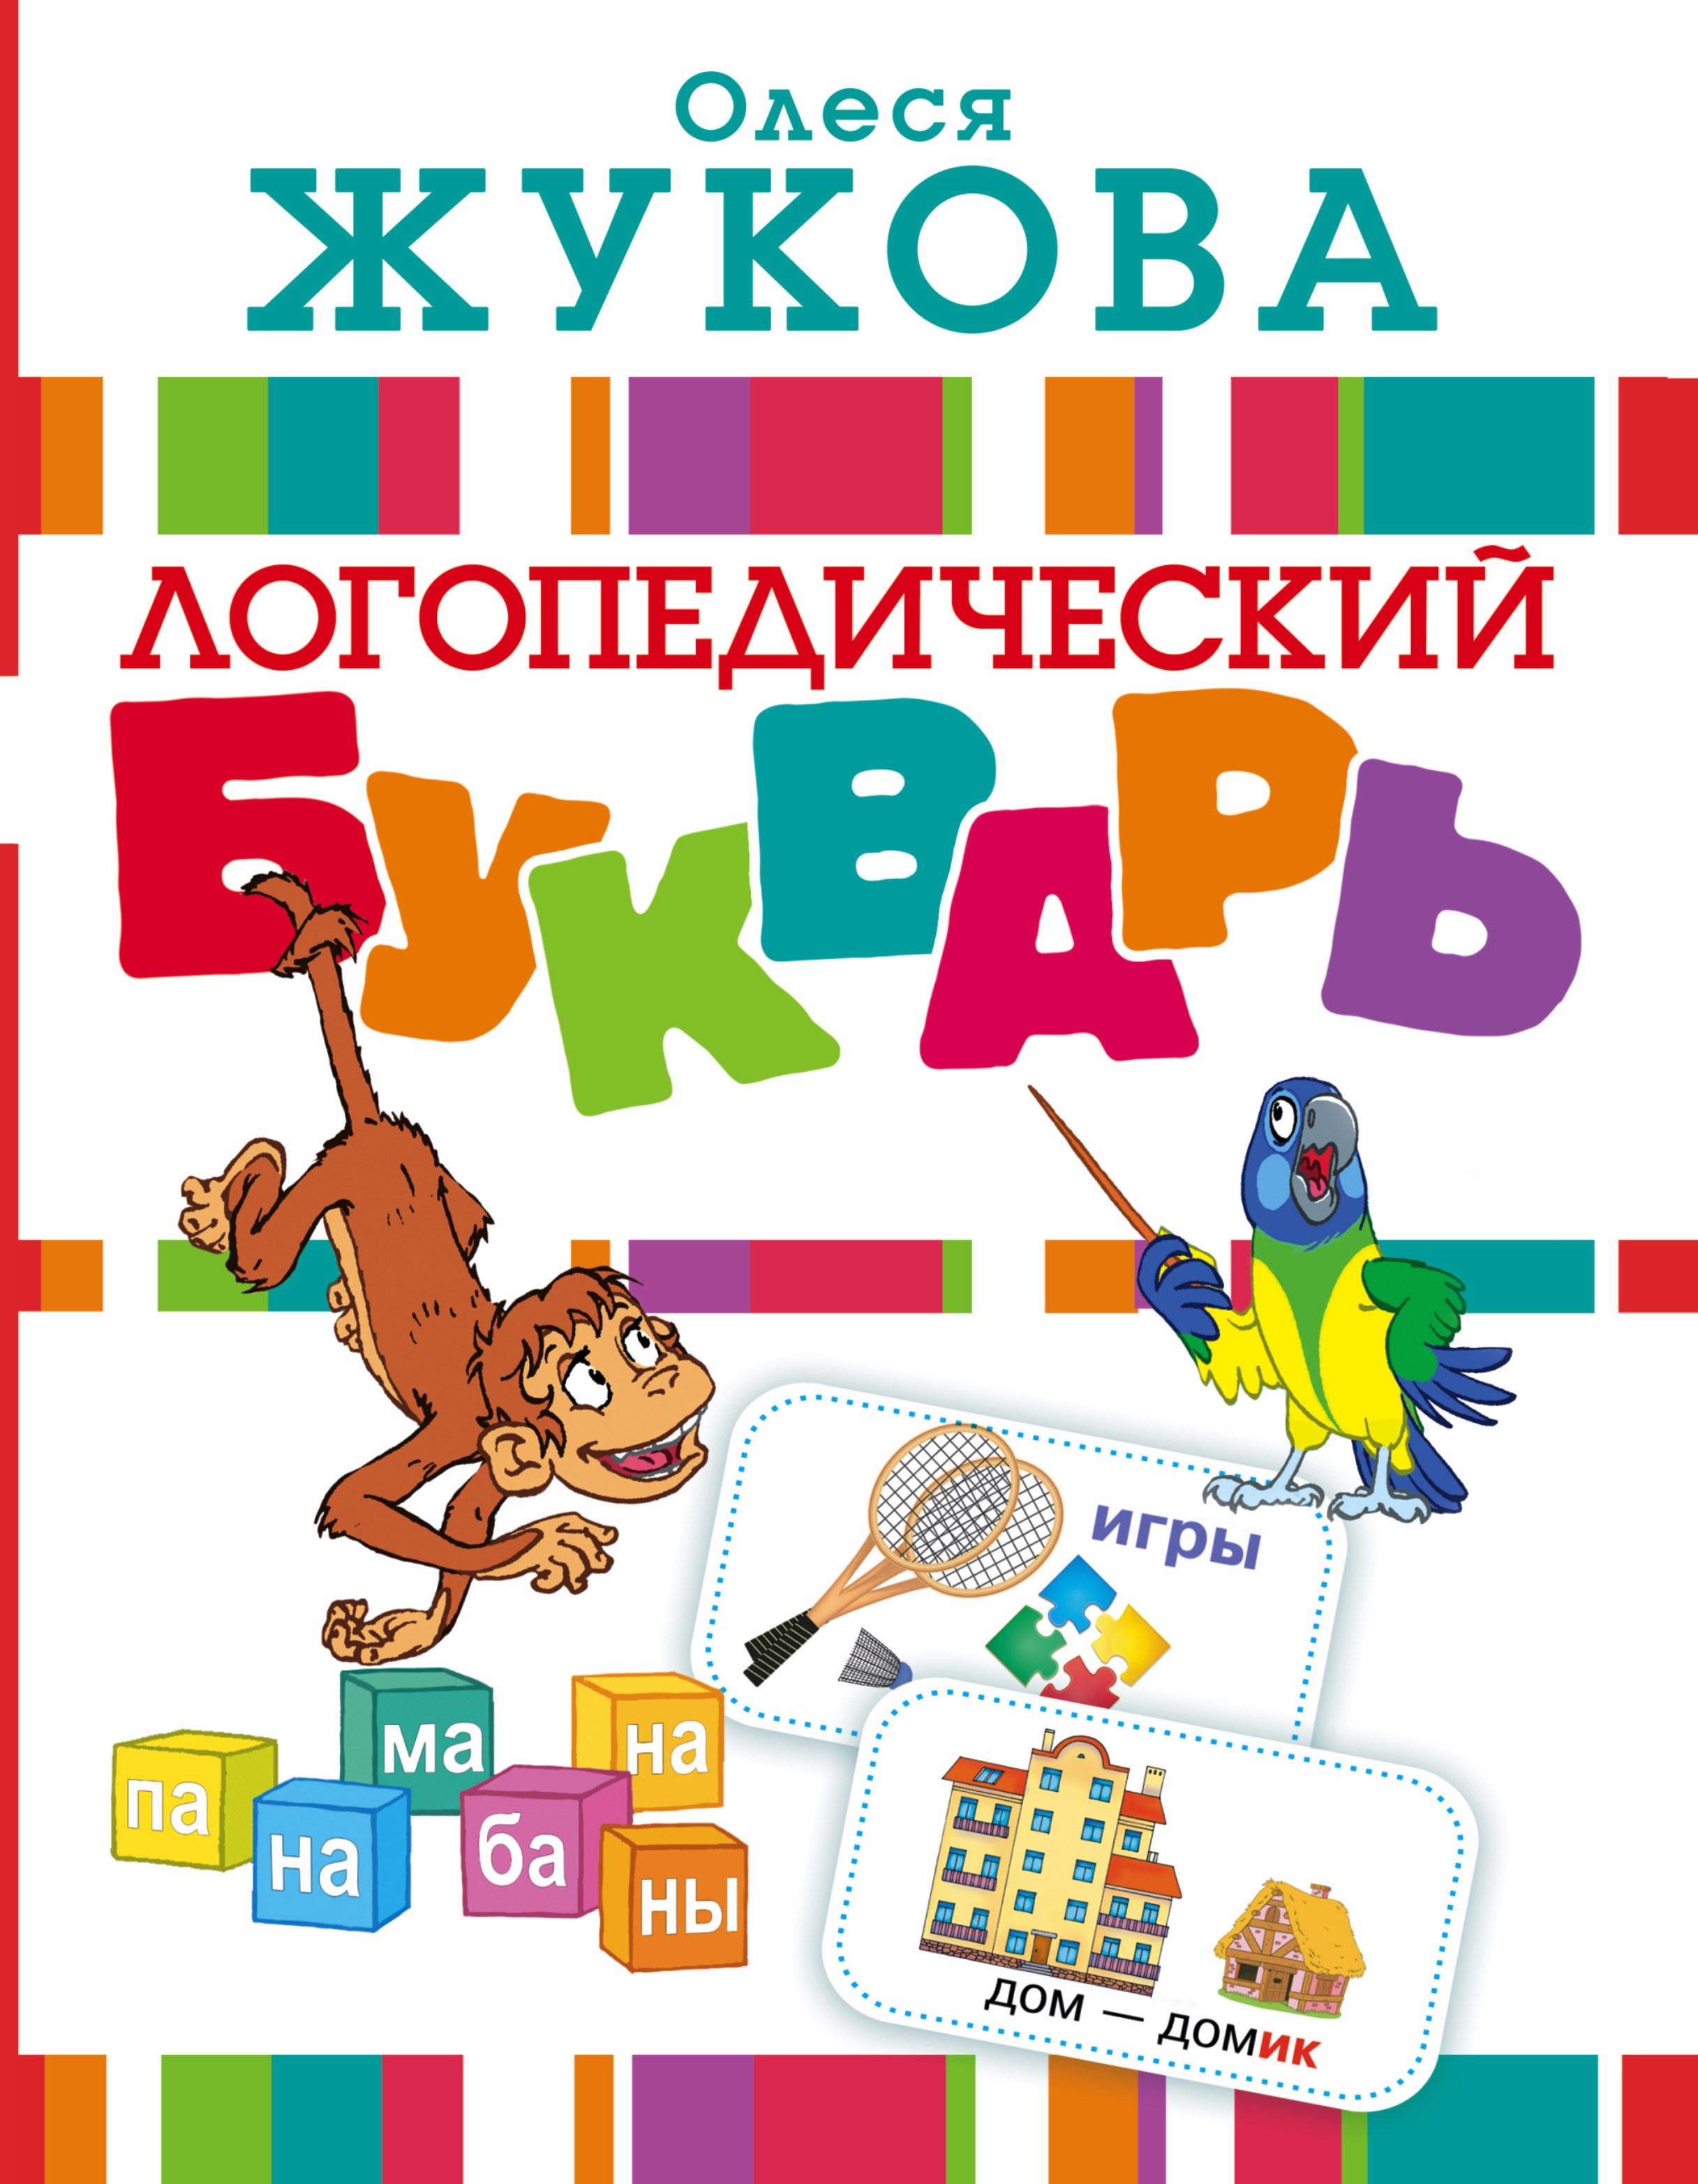 Олеся Жукова Логопедический букварь издательство аст логопедический букварь олеся жукова